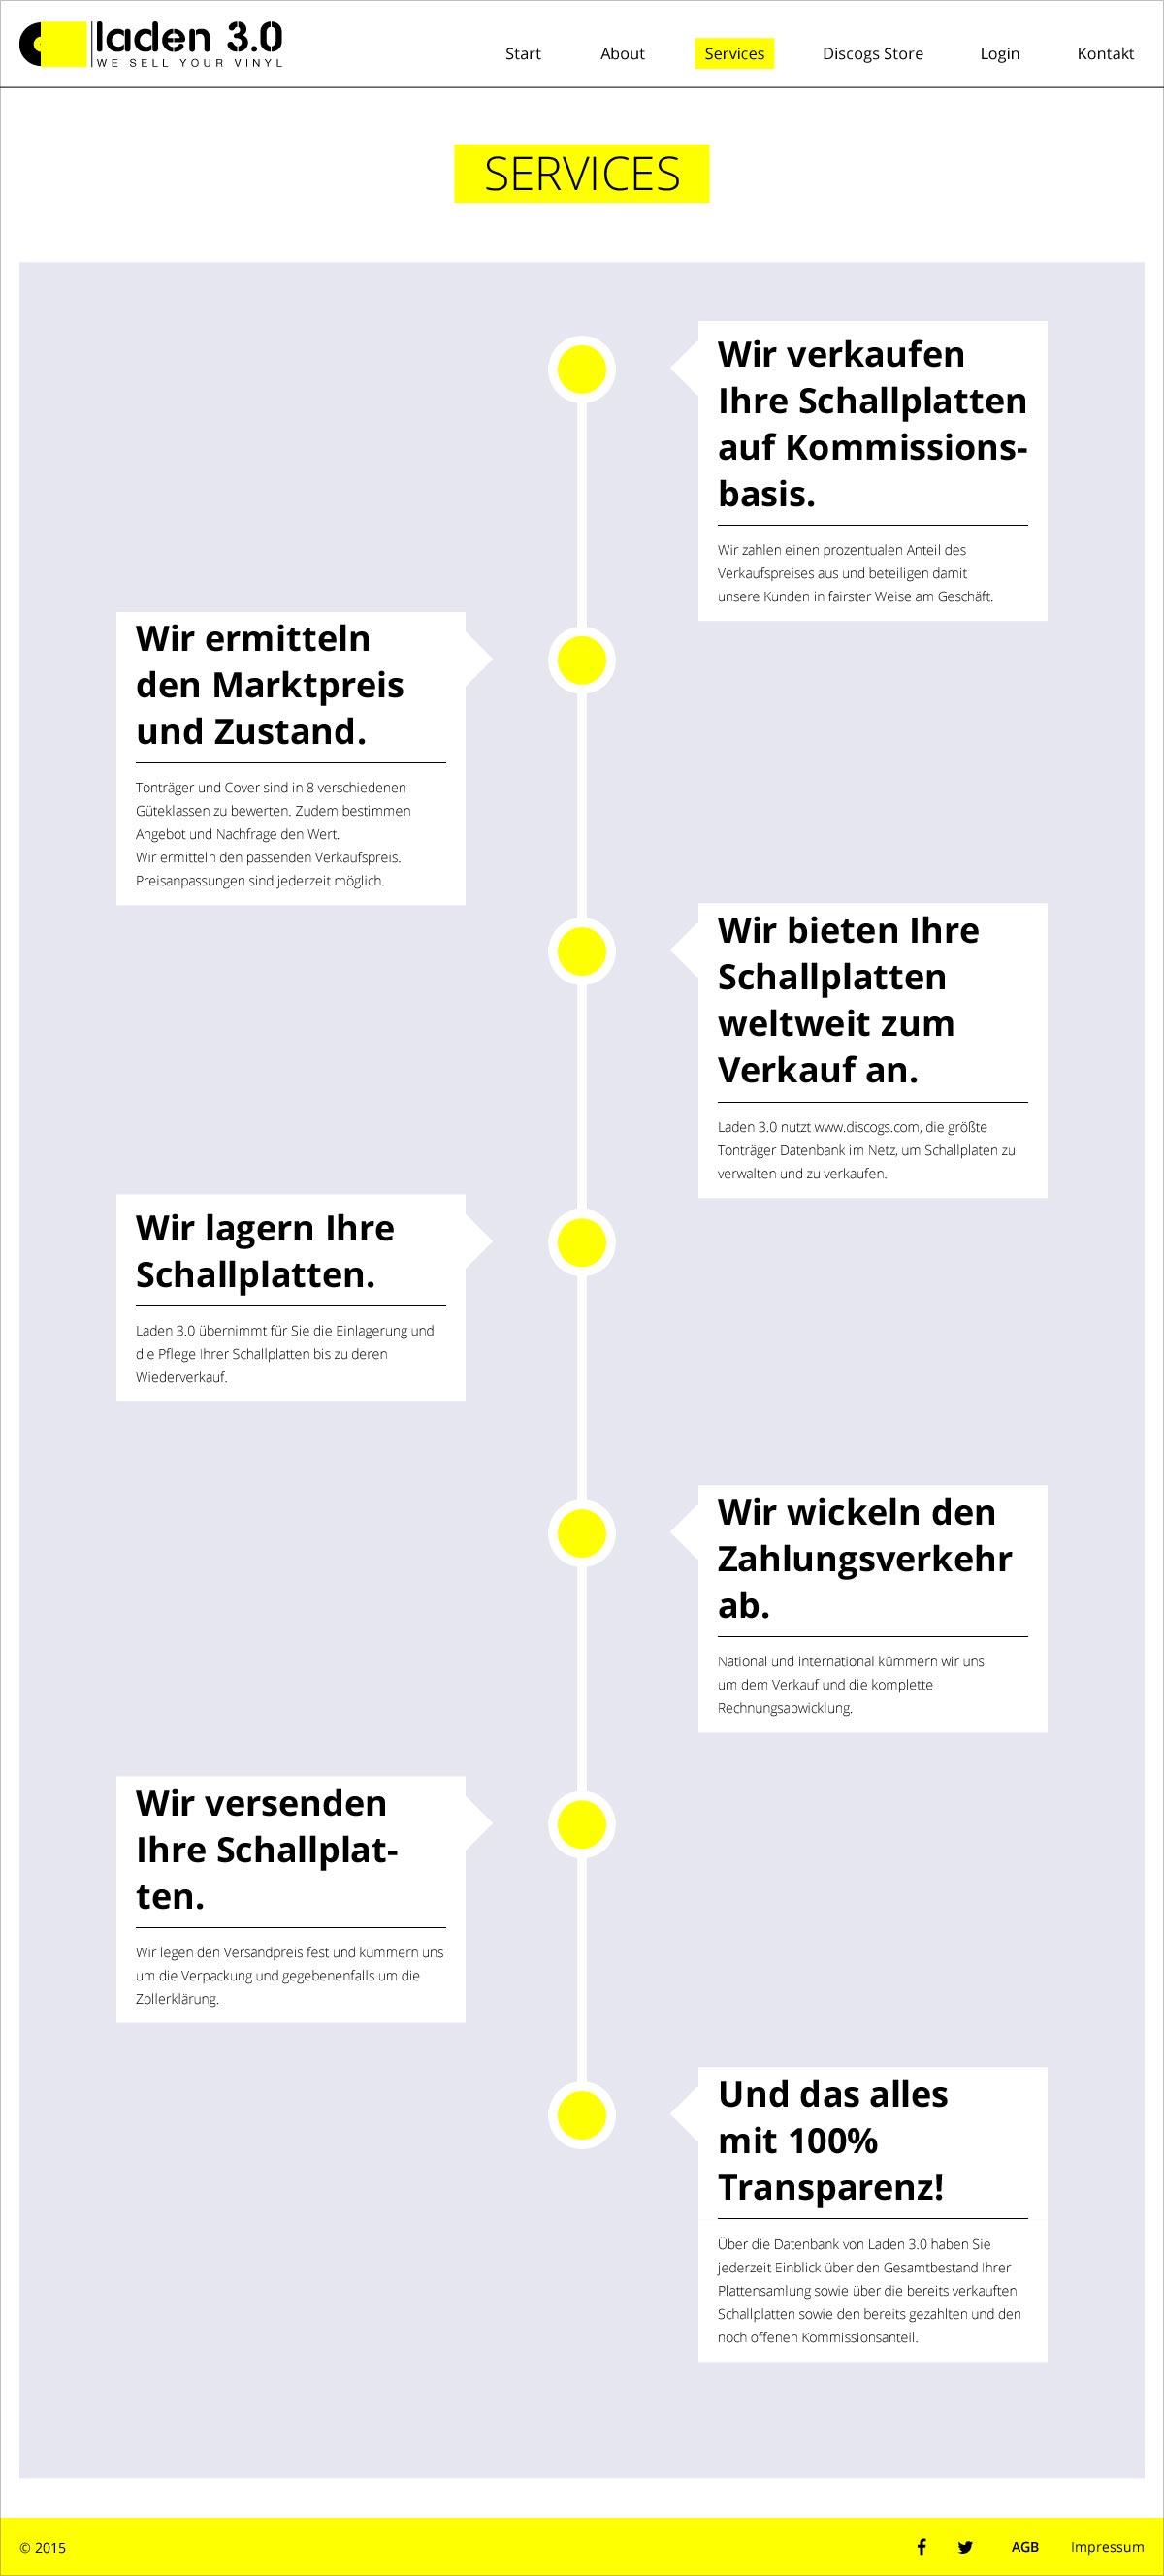 Laden 3.0 Webseite Services Webdesign Gesa Siebert Kommunikationsdesign